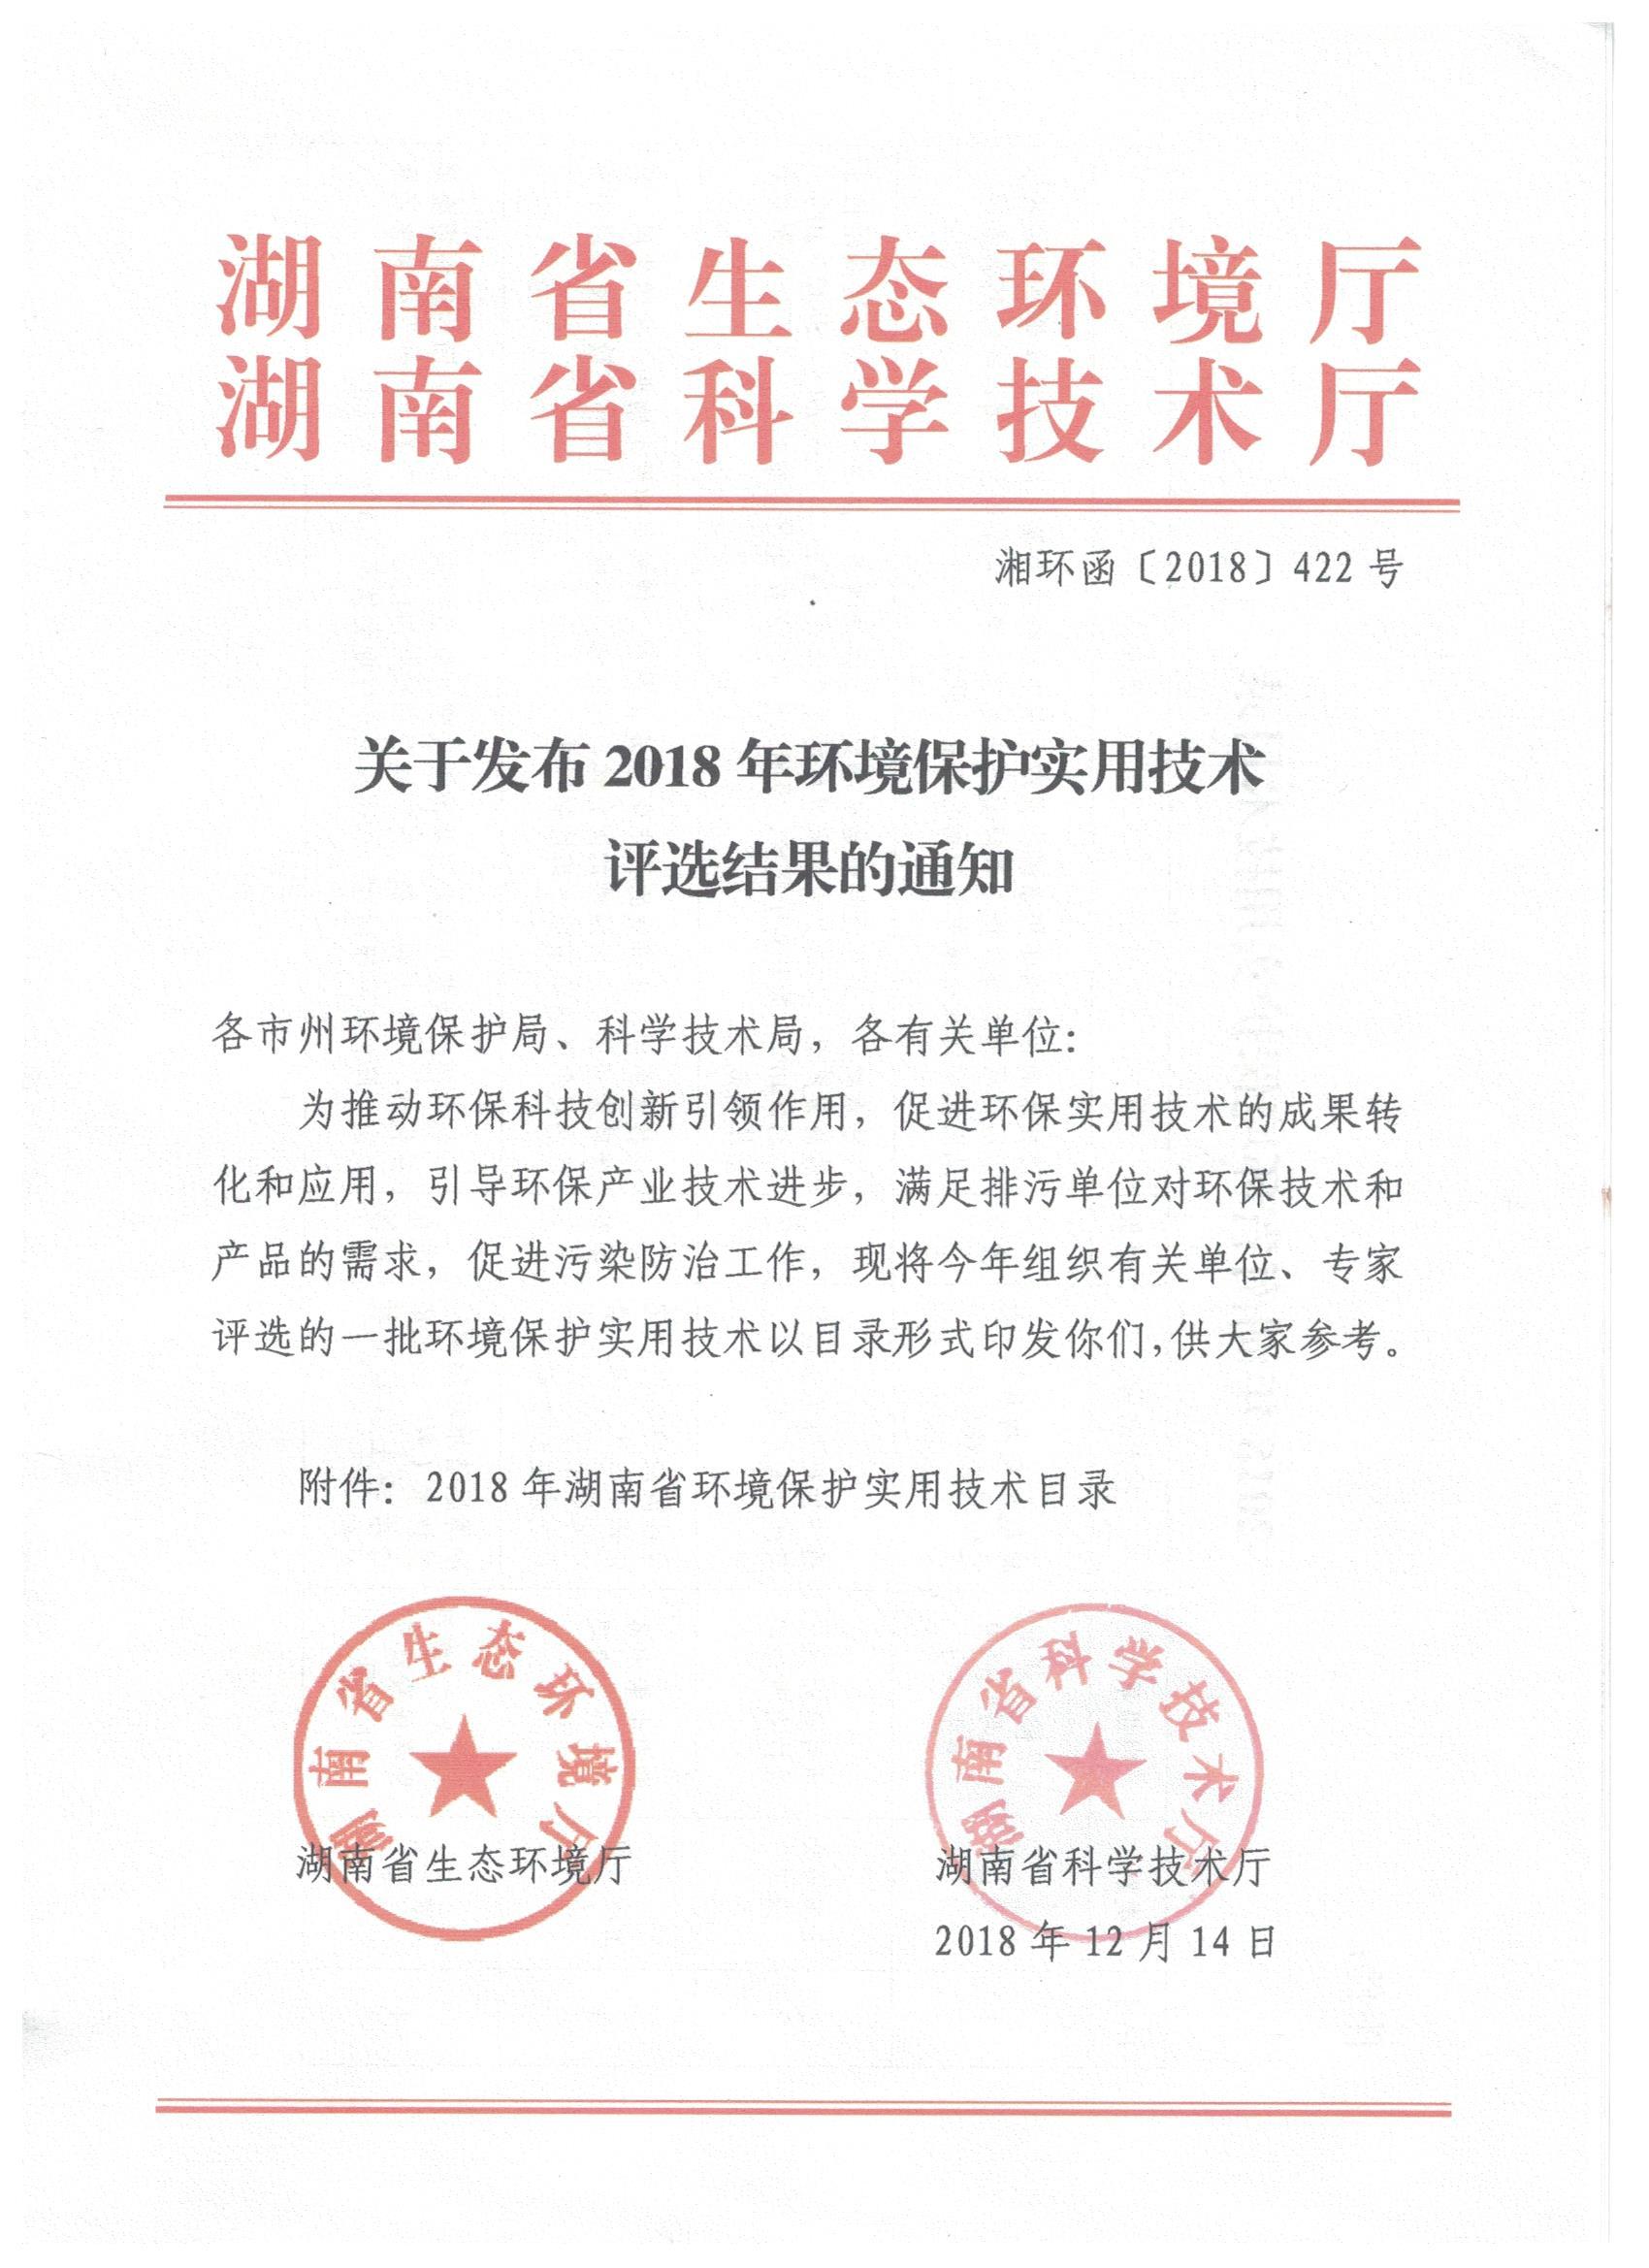 2018年湖南省环境保护实用技术优先推荐技术